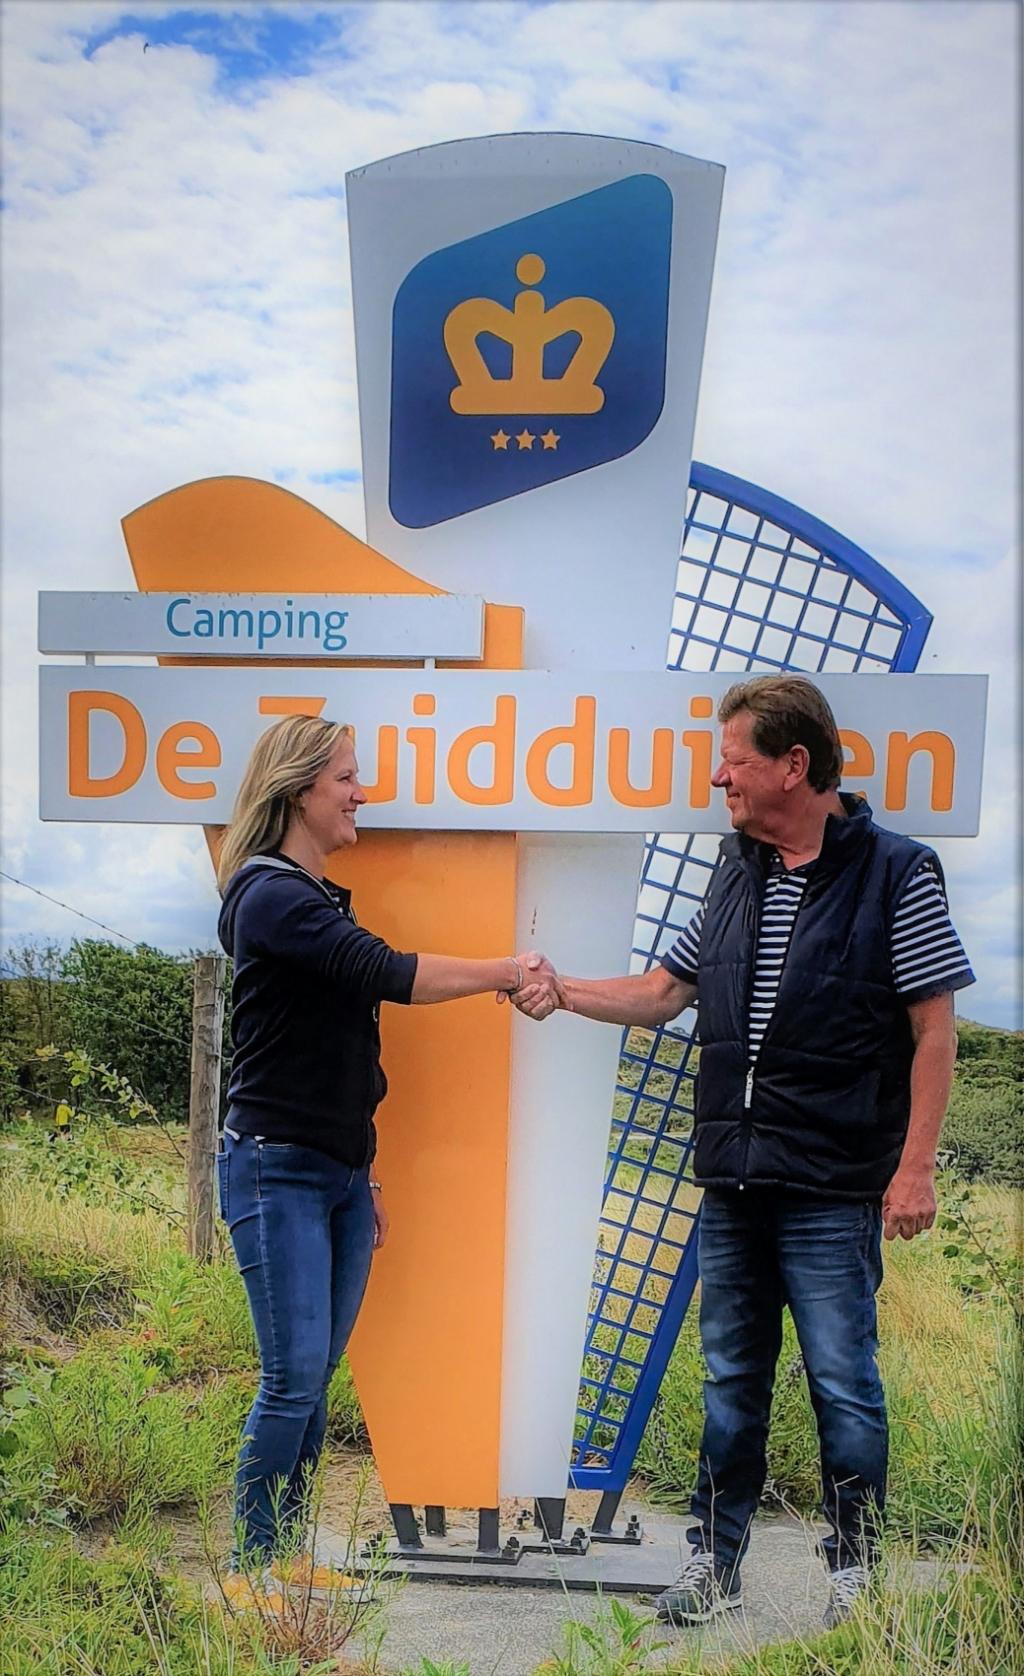 Foto: Wijnand de Ruijter © uitgeverij Verhagen